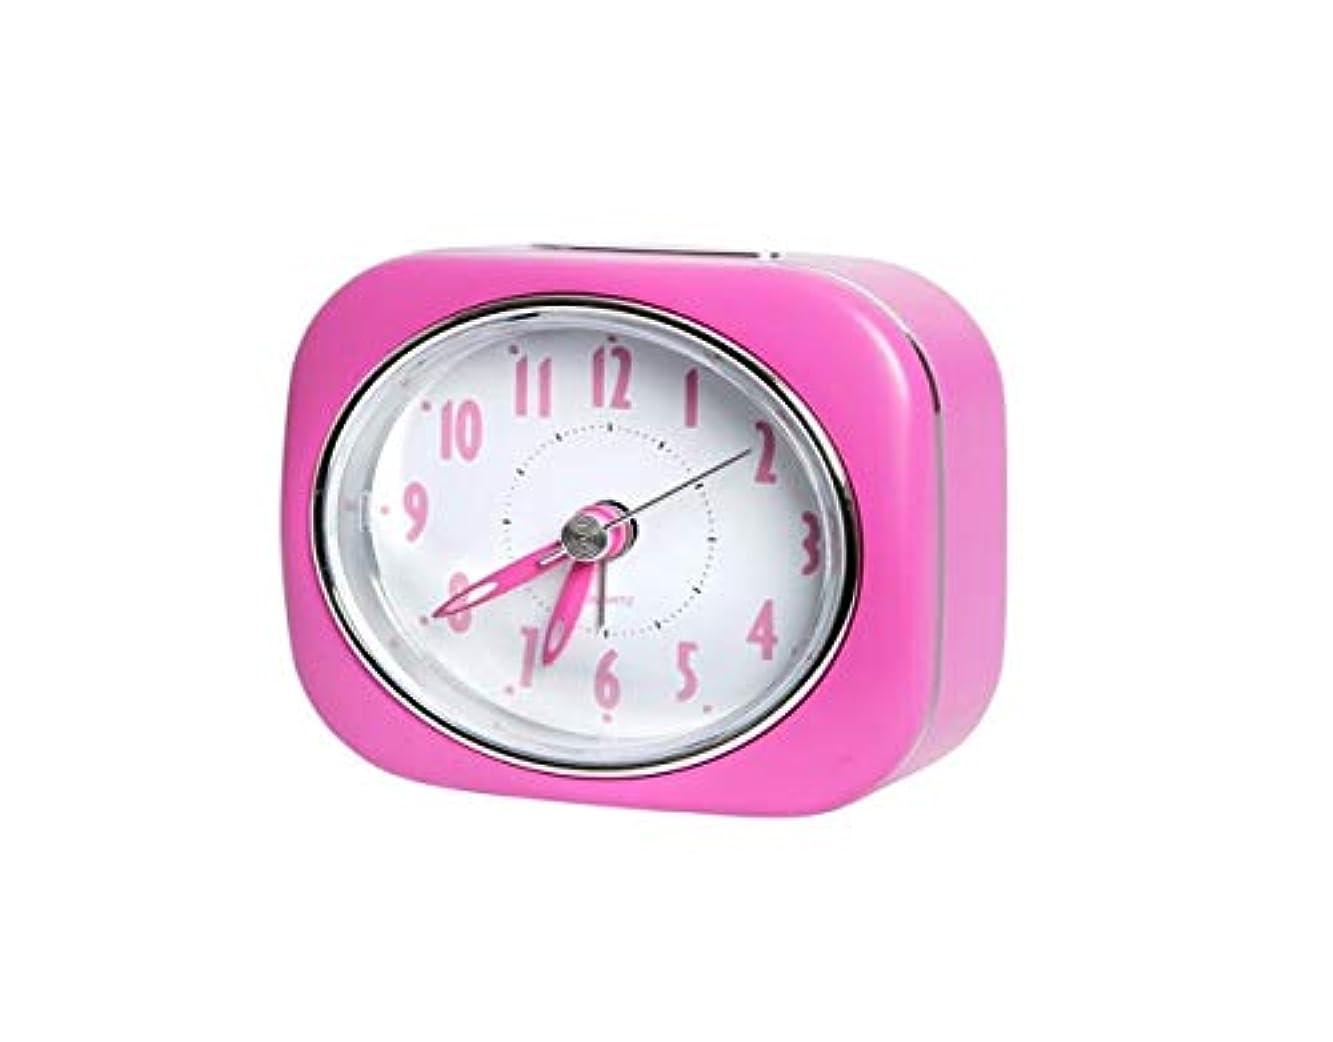 集計知っているに立ち寄る弁護Kaiyitong001 目覚まし時計、キュートでシンプルな、静かな学生の目覚まし時計、寝室のベッドサイドの電子時計、ホームファッションクリエイティブ小さな時計、黄色 (Color : Pink)